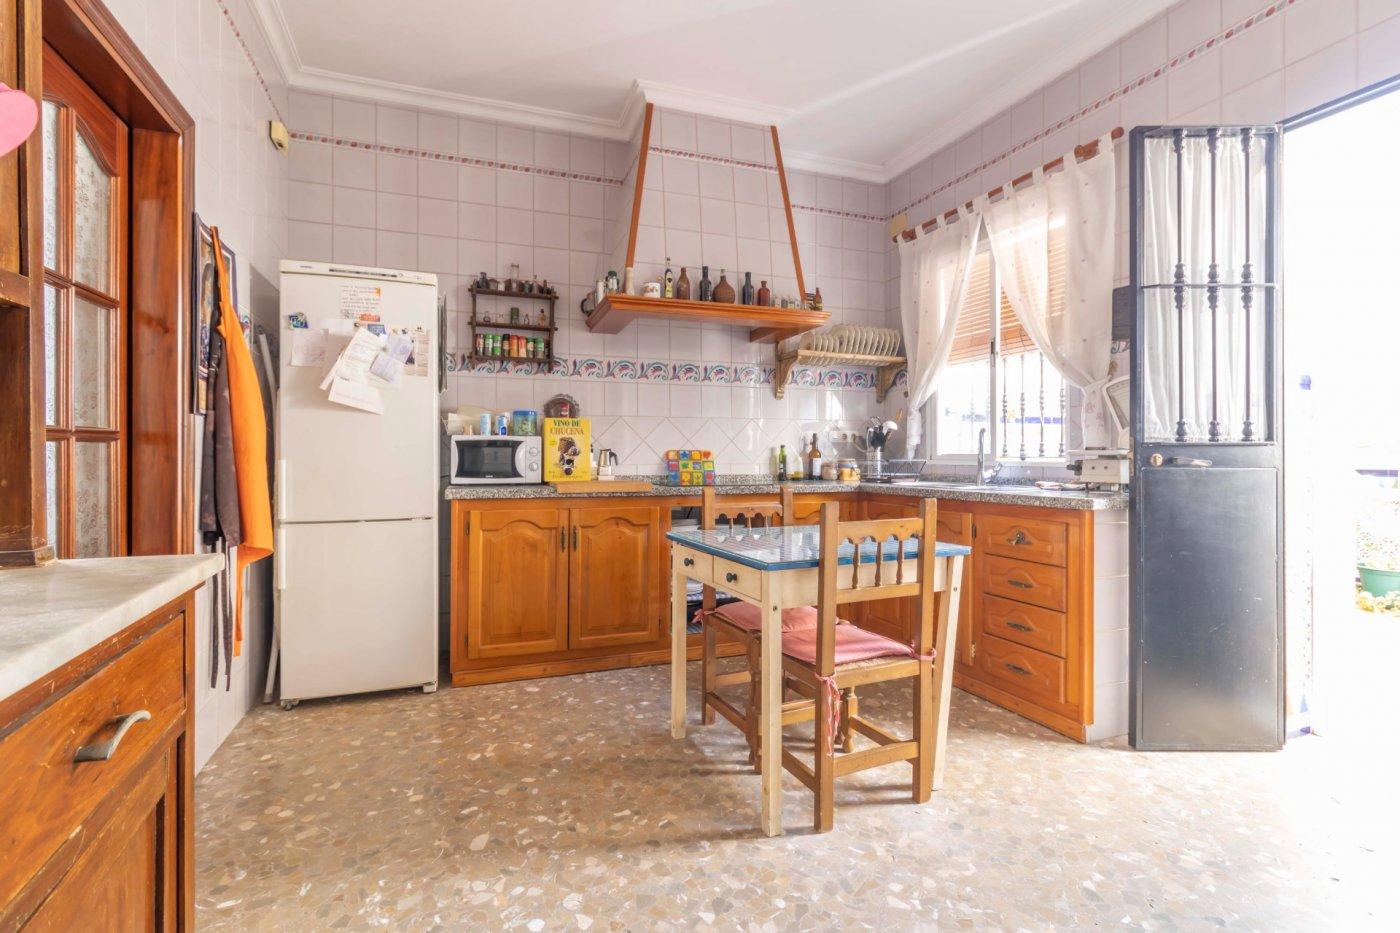 Casa a la venta en salteras - imagenInmueble14